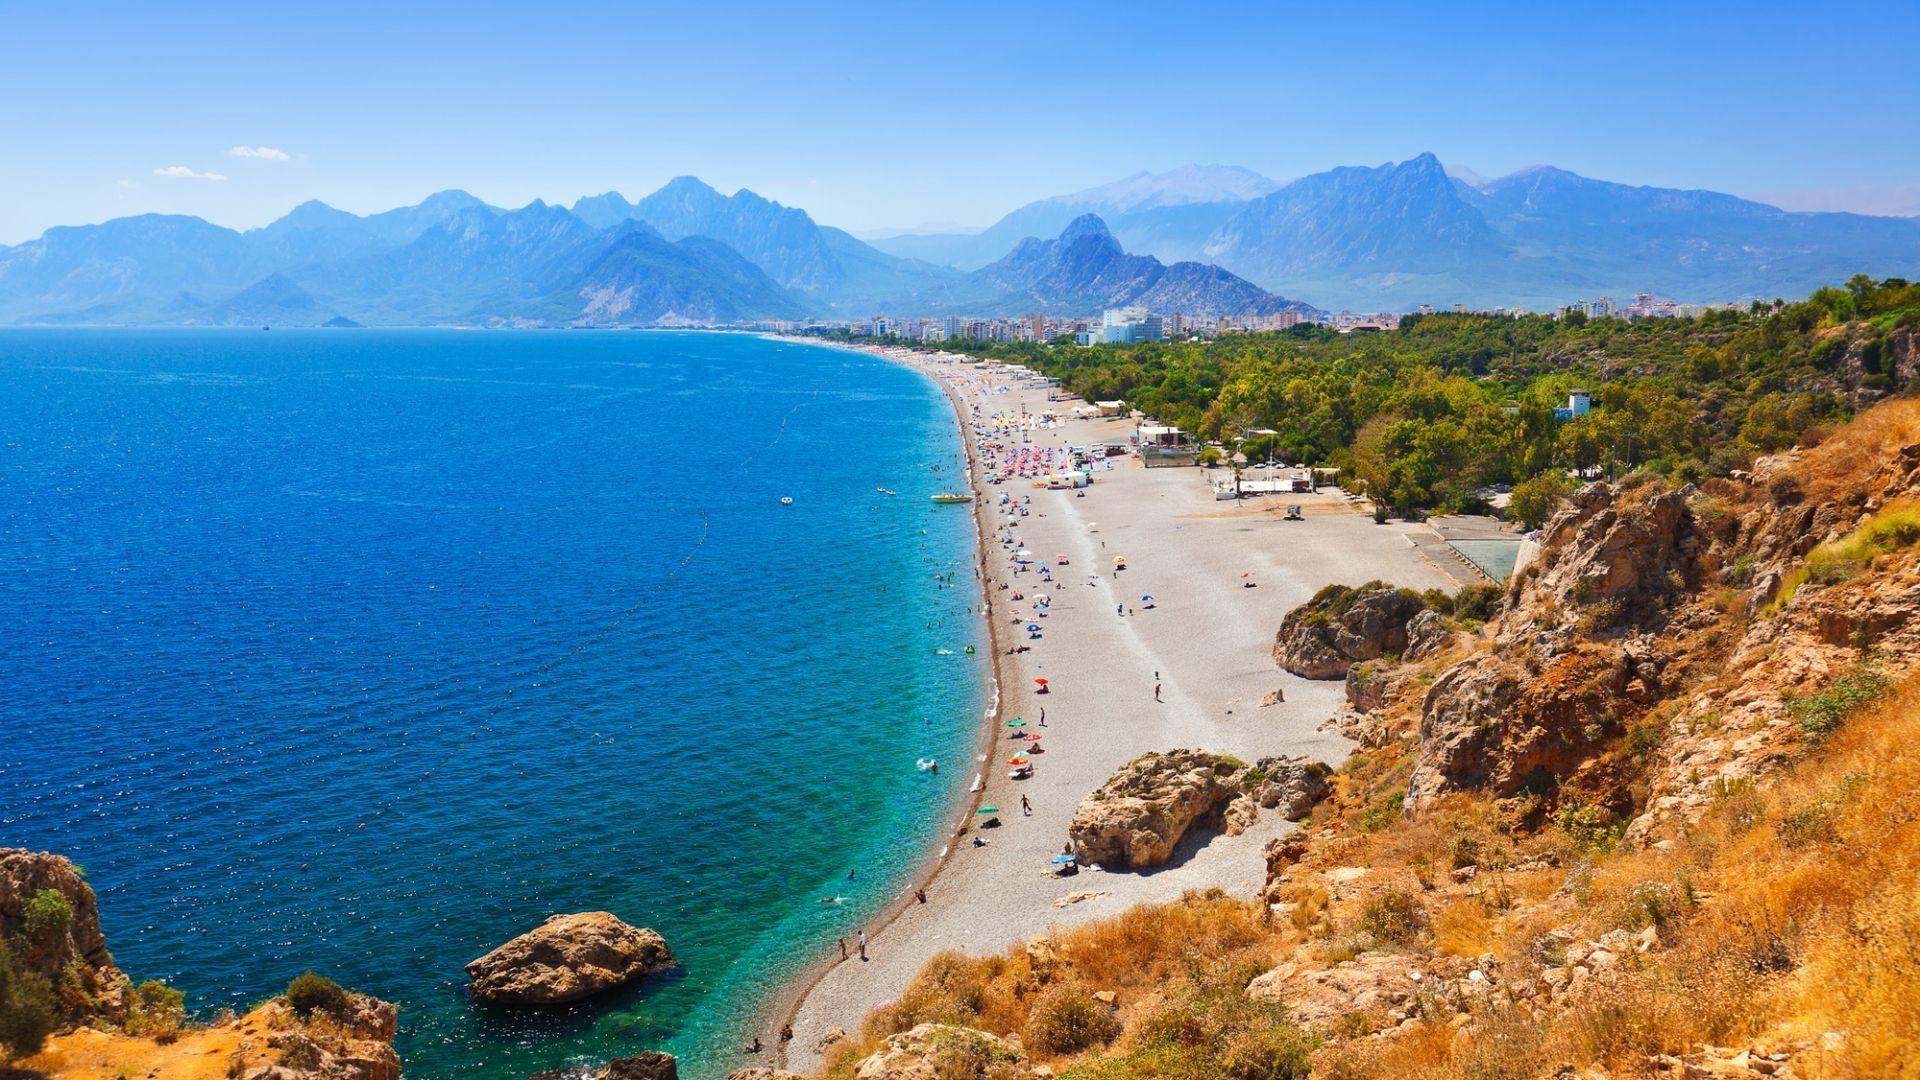 Poilsis Turkijoje suaugusiems – susipažinimui su nuostabia gamta